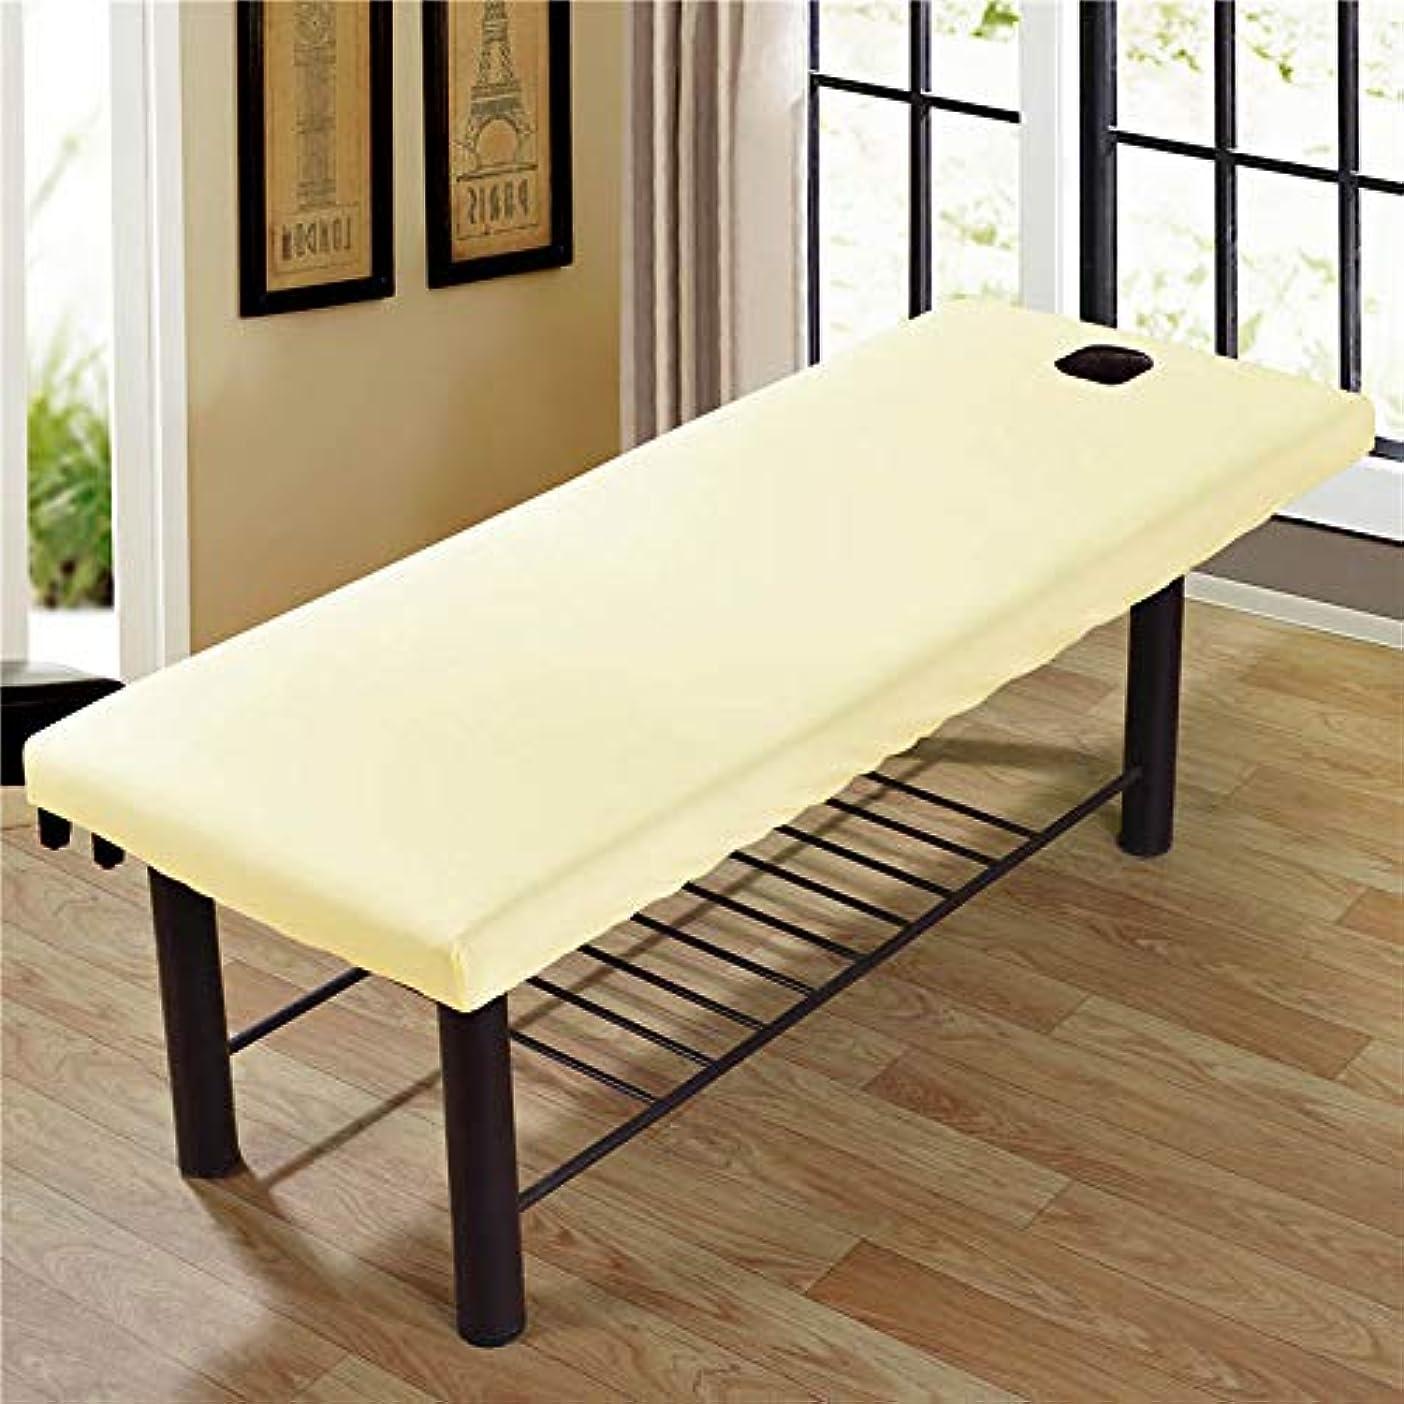 美的動物リクルートCoolTack  美容院のマッサージ療法のベッドのための柔らかいSoliod色の長方形のマットレス